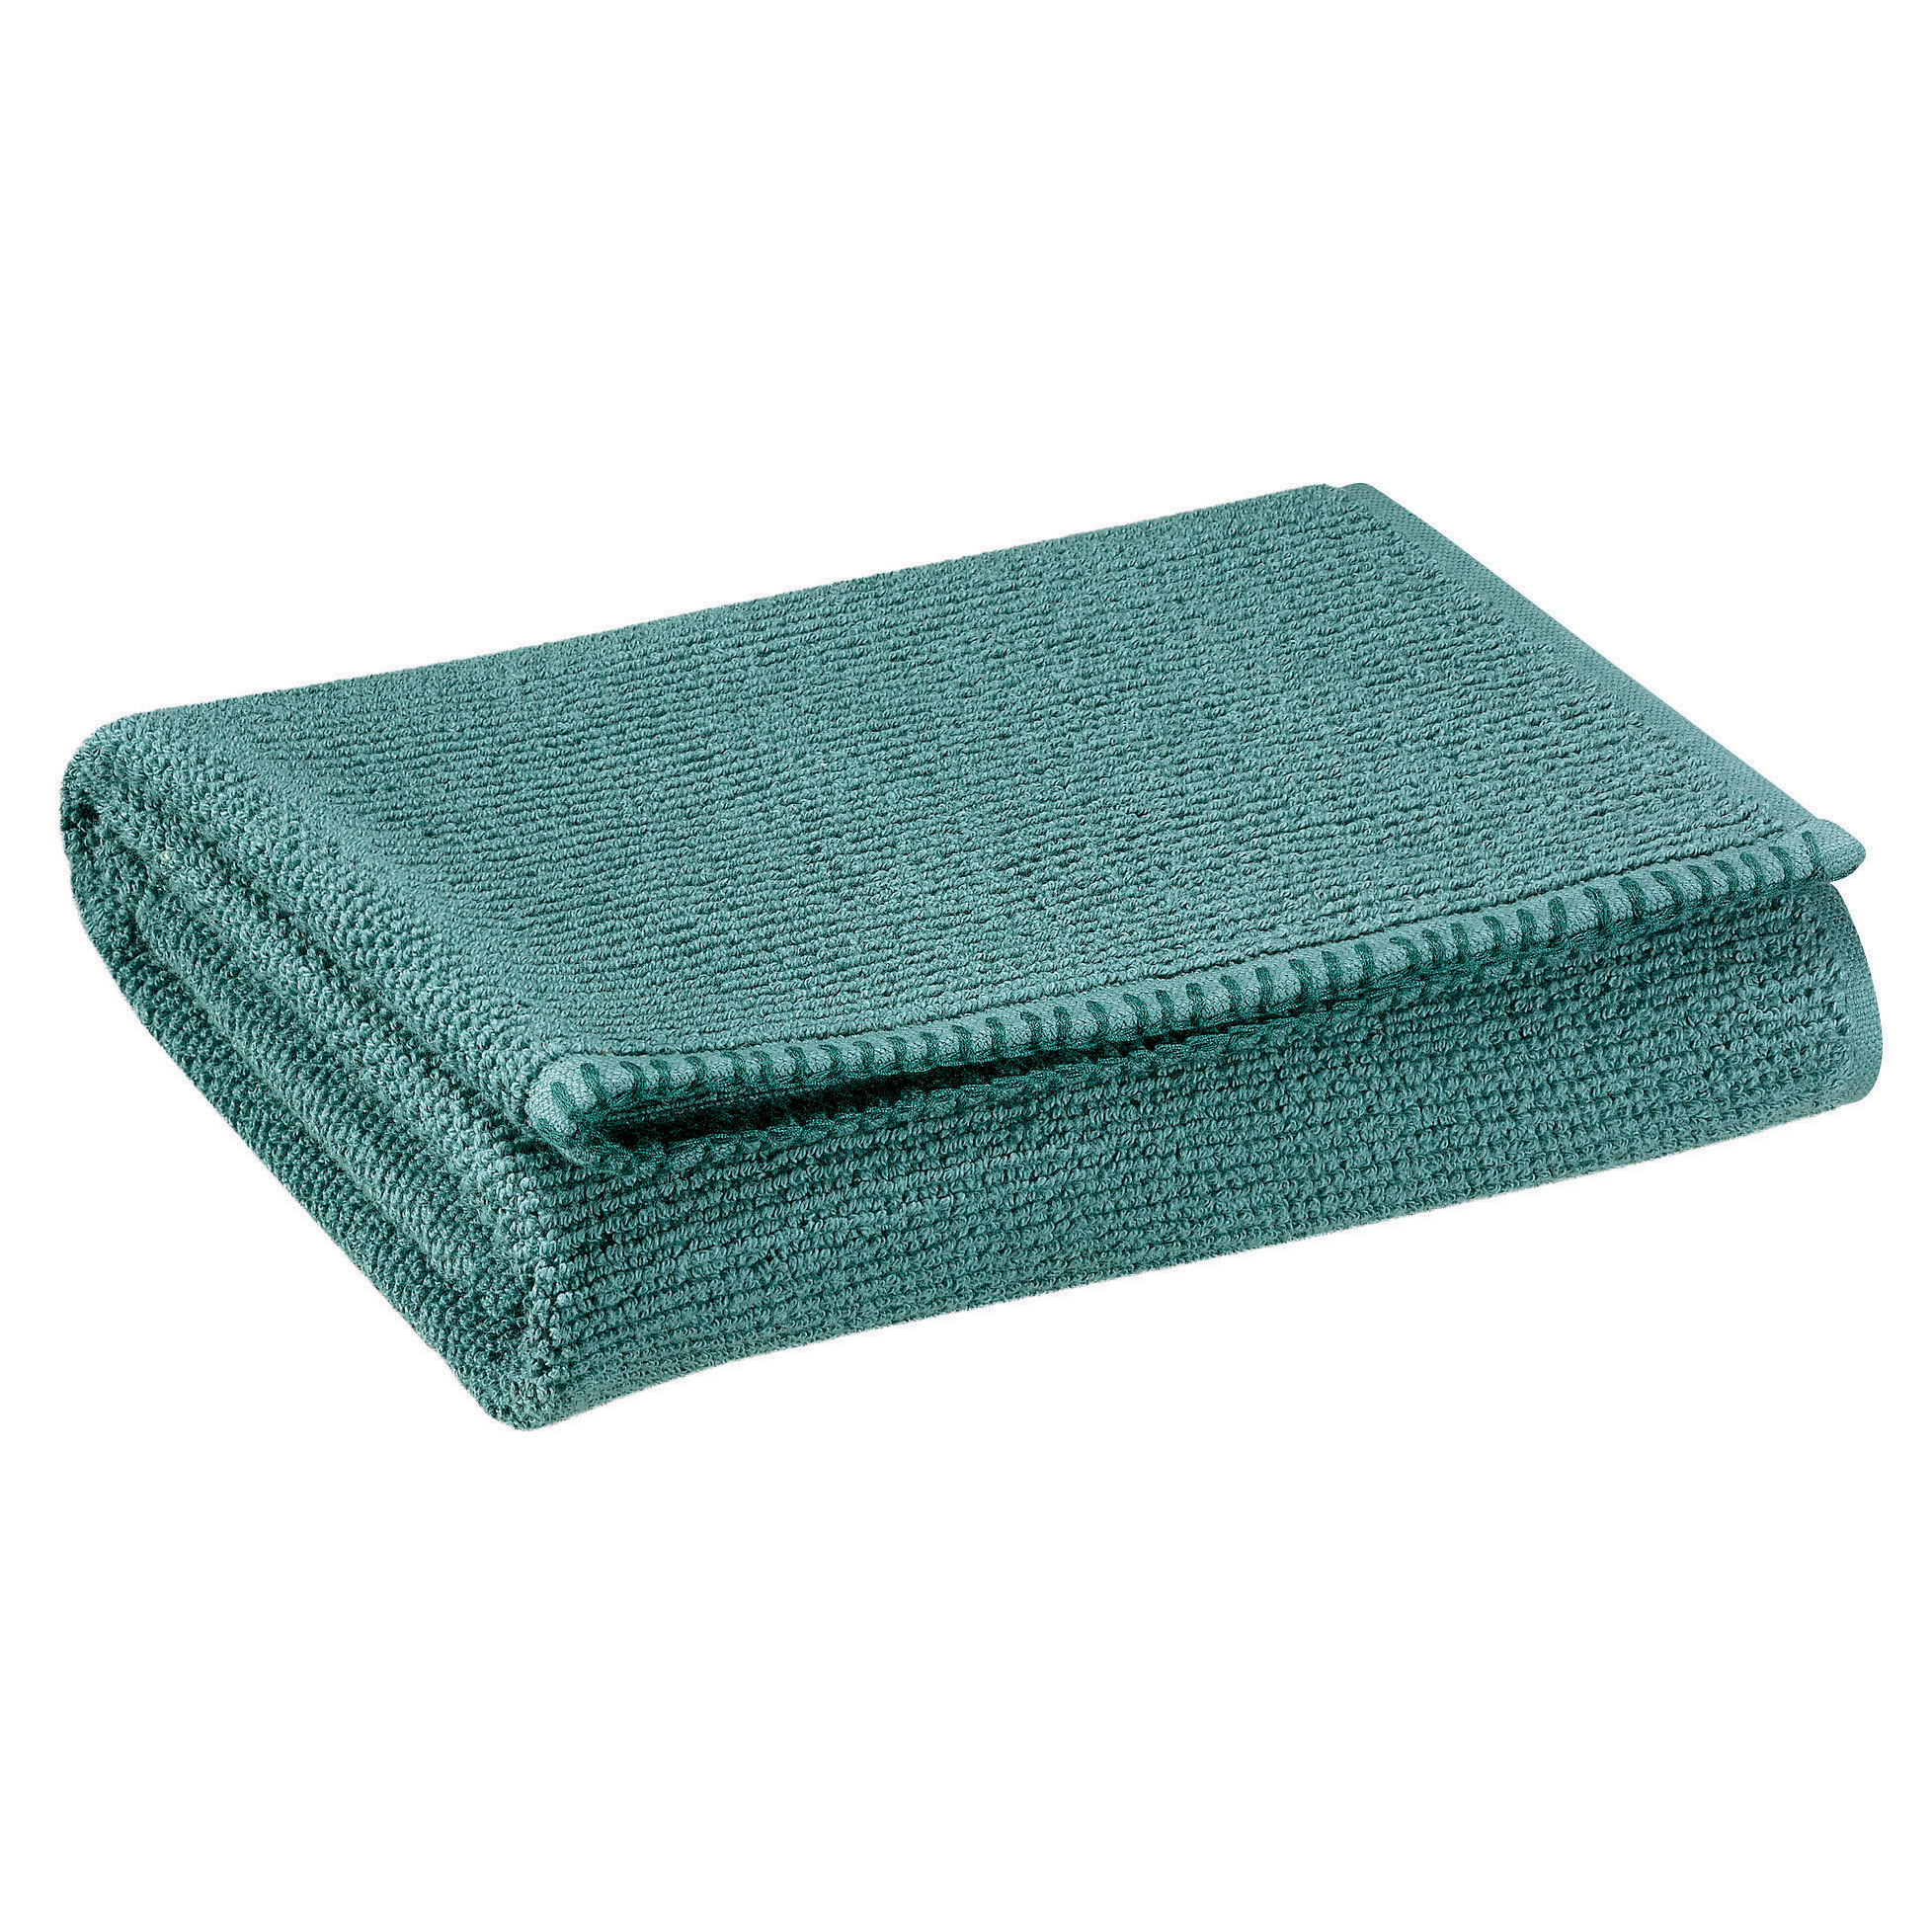 Drap de douche en coton lichen 70 x 130